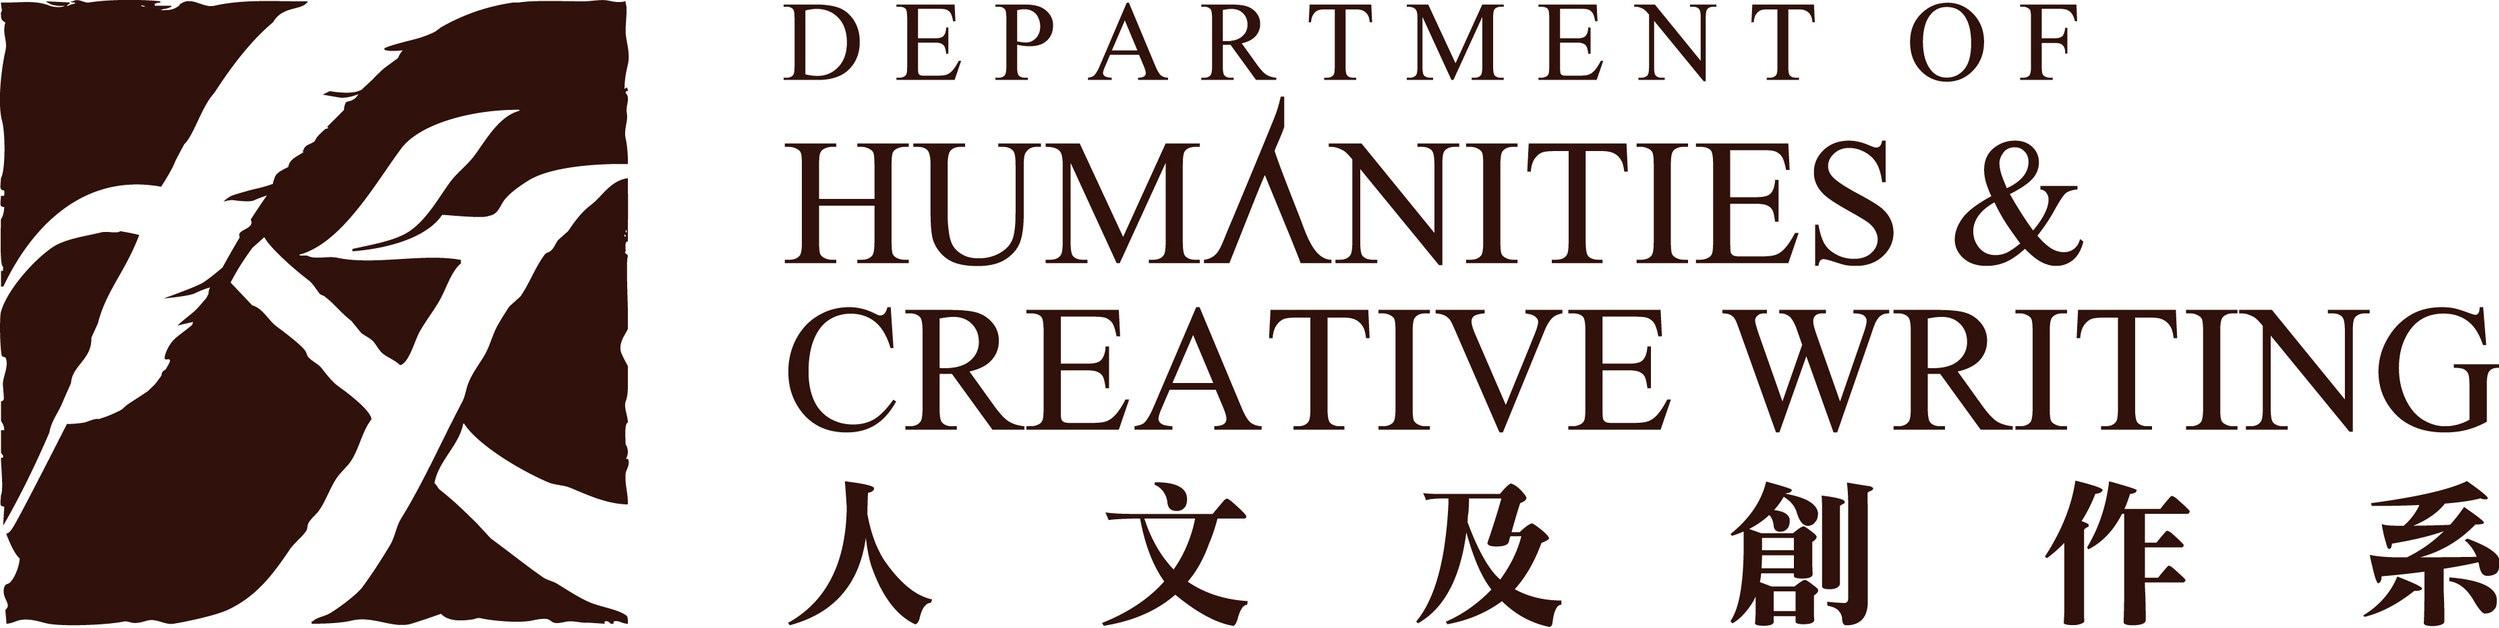 2 logo_hkbuhuman_op.jpg